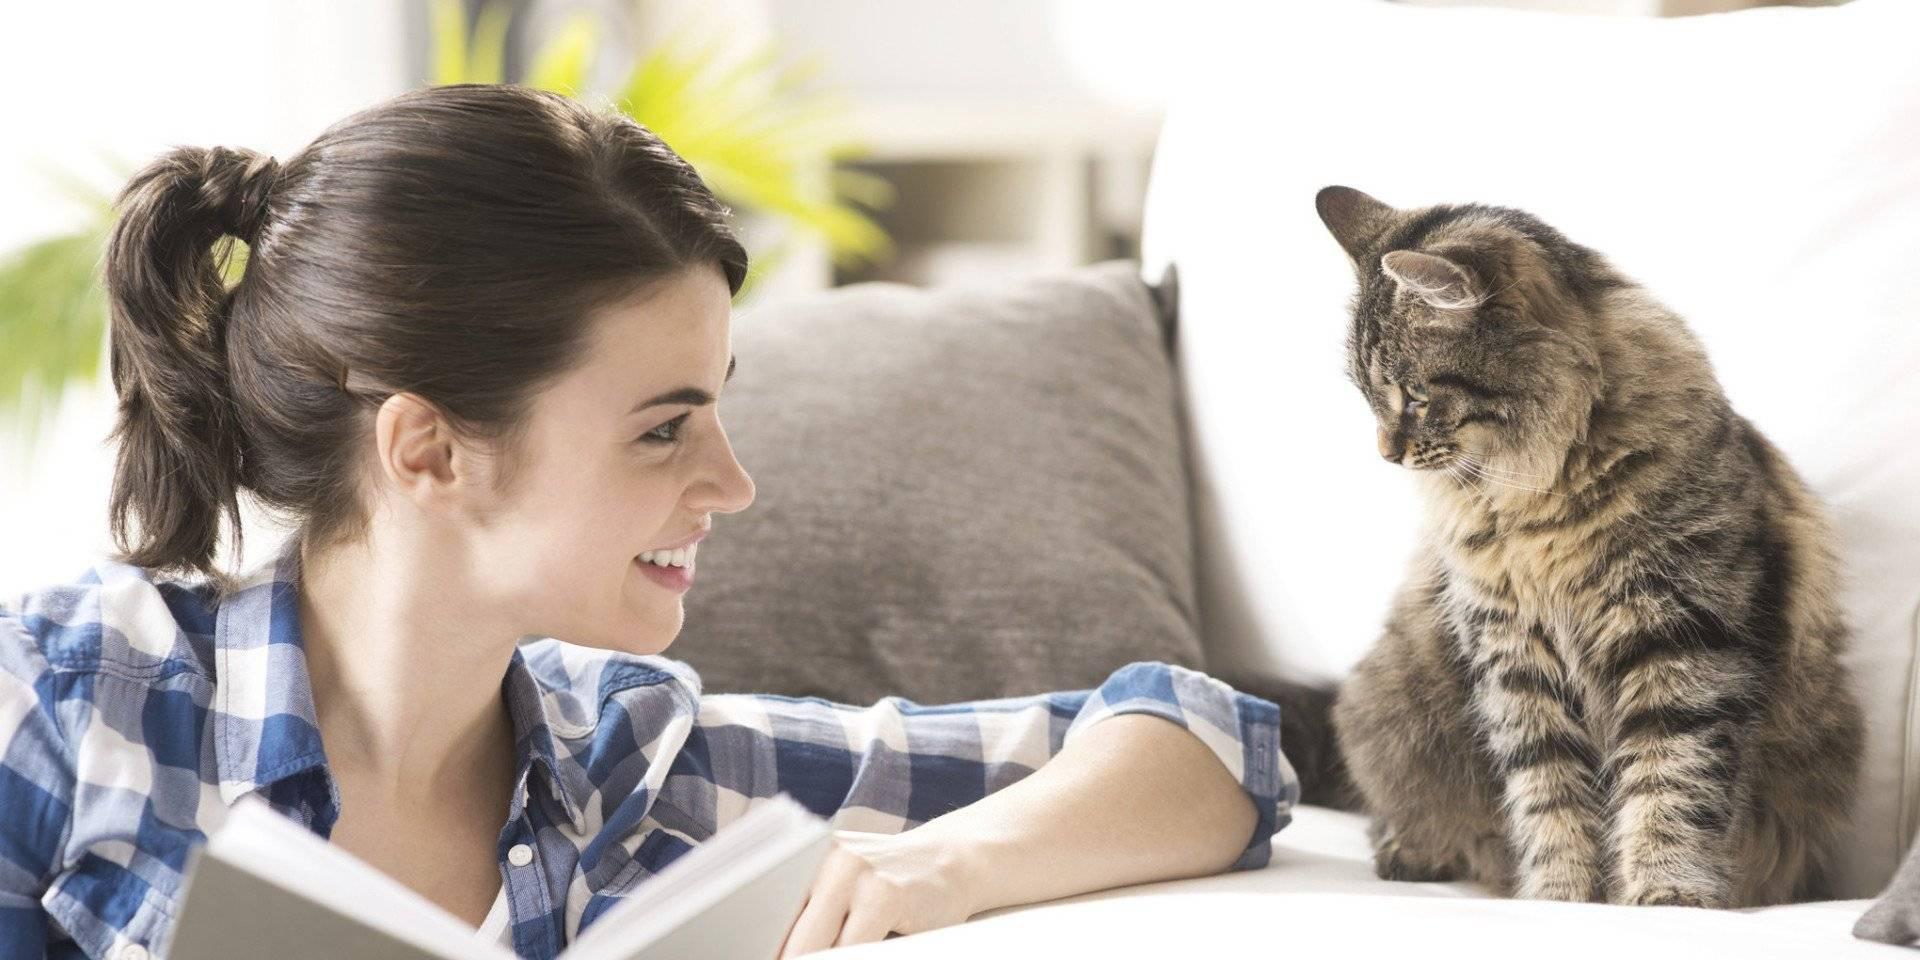 Понимают ли кошки человеческую речь: как это выражается, мнения ученых и заводчиков